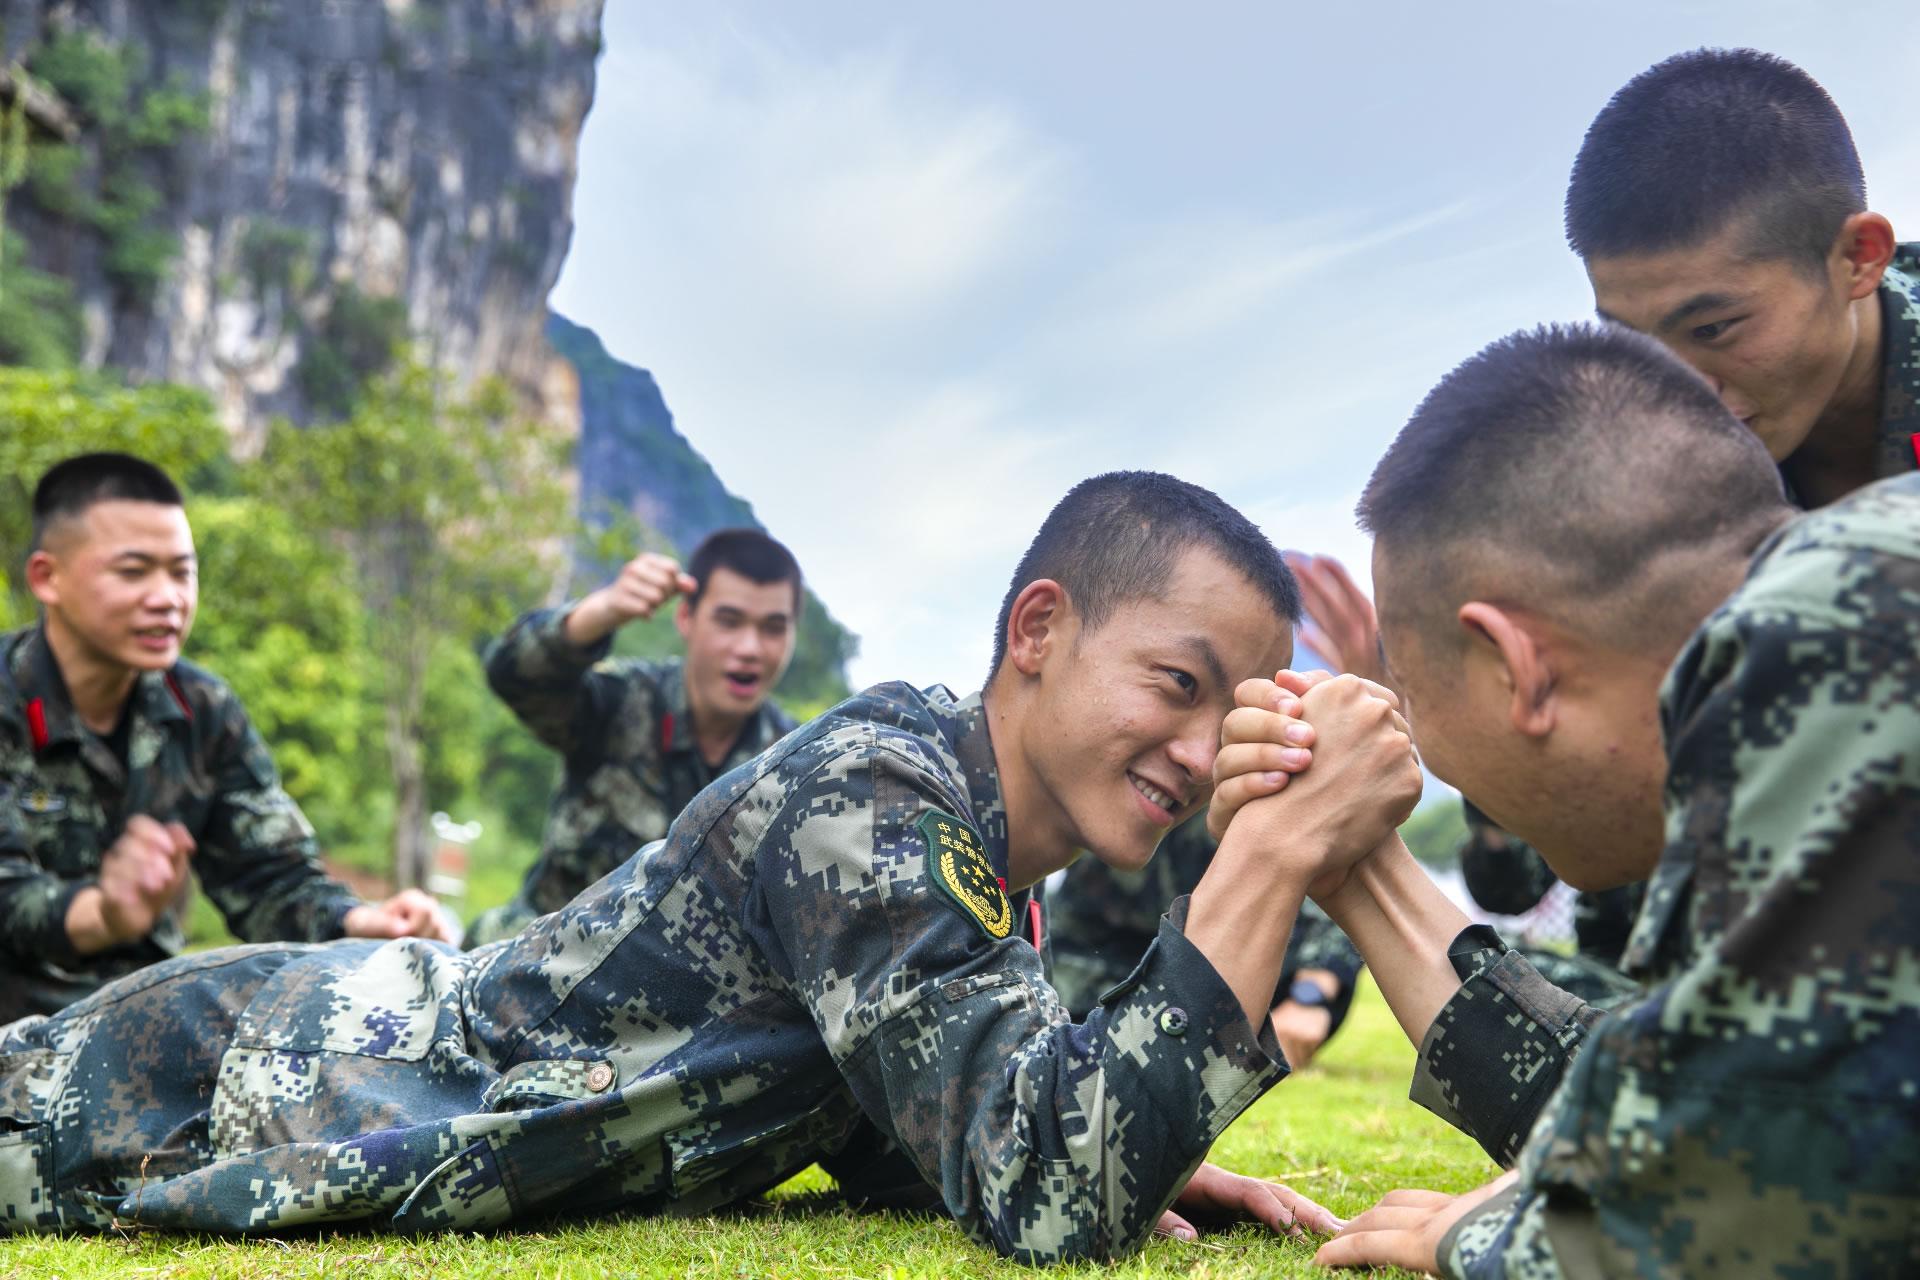 官兵在竞技游戏中增进战友情谊